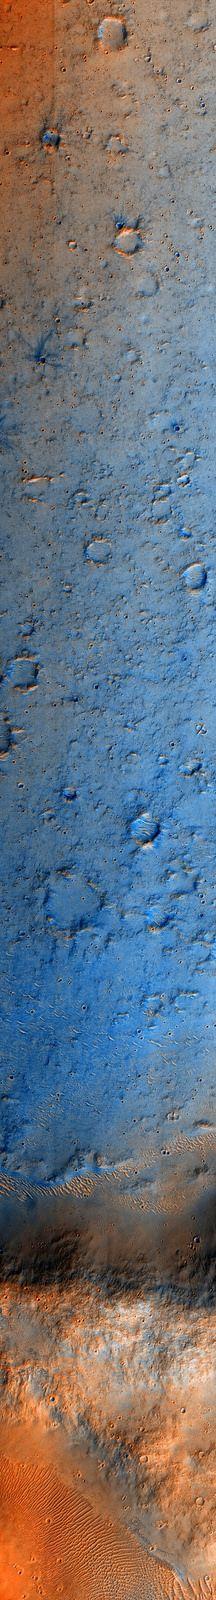 Martian Crater Floor, variant | by sjrankin Edited Mars Reconnaissance Orbiter image